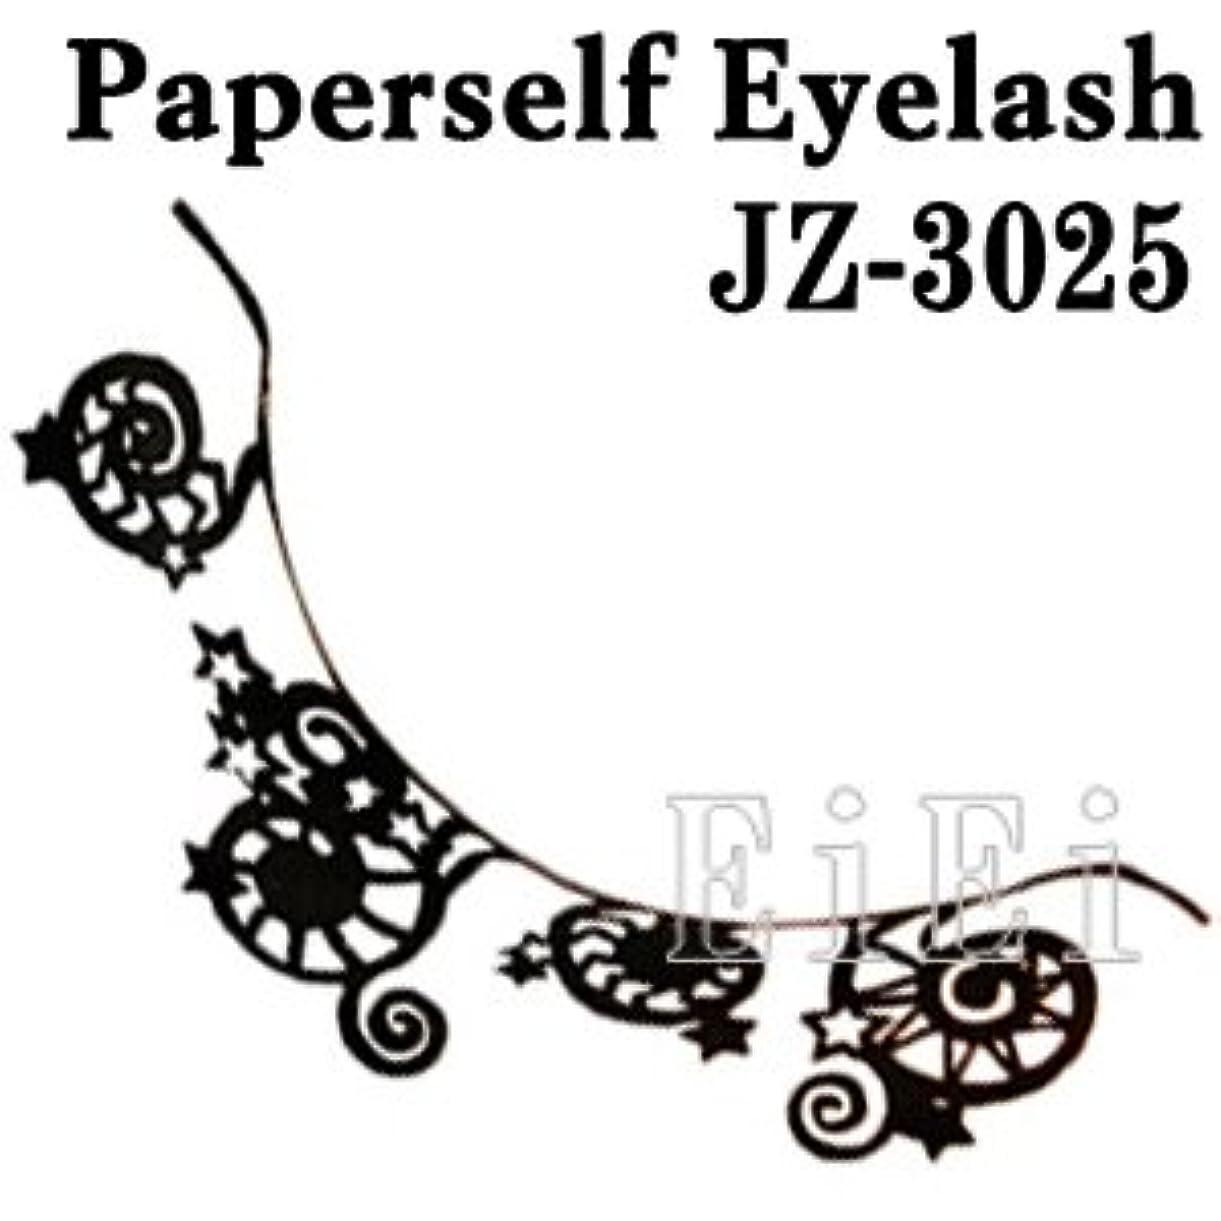 言語ウィザードターゲットハロウィン アートペーパーラッシュ つけまつげ プロ用 紙 つけまつ毛 新感覚 アイラッシュ アンモナイト JZ-3025